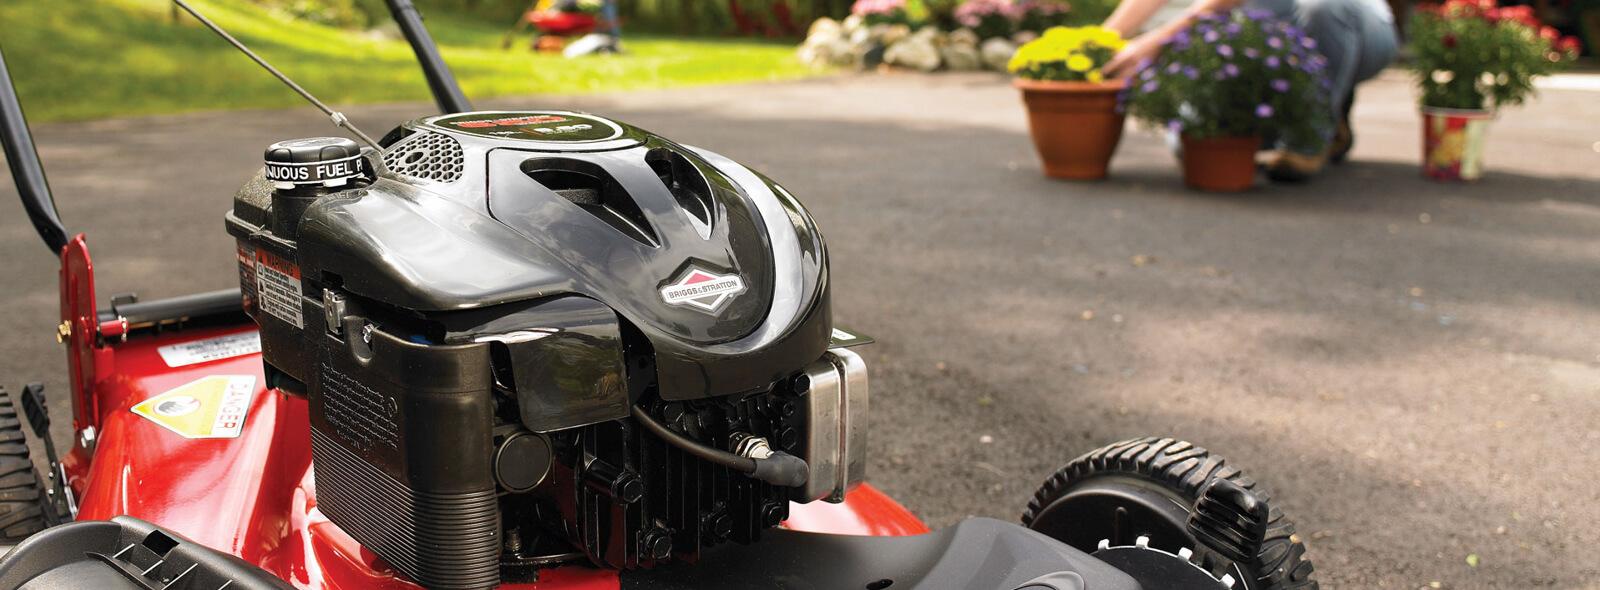 Briggs & Stratton® Engine